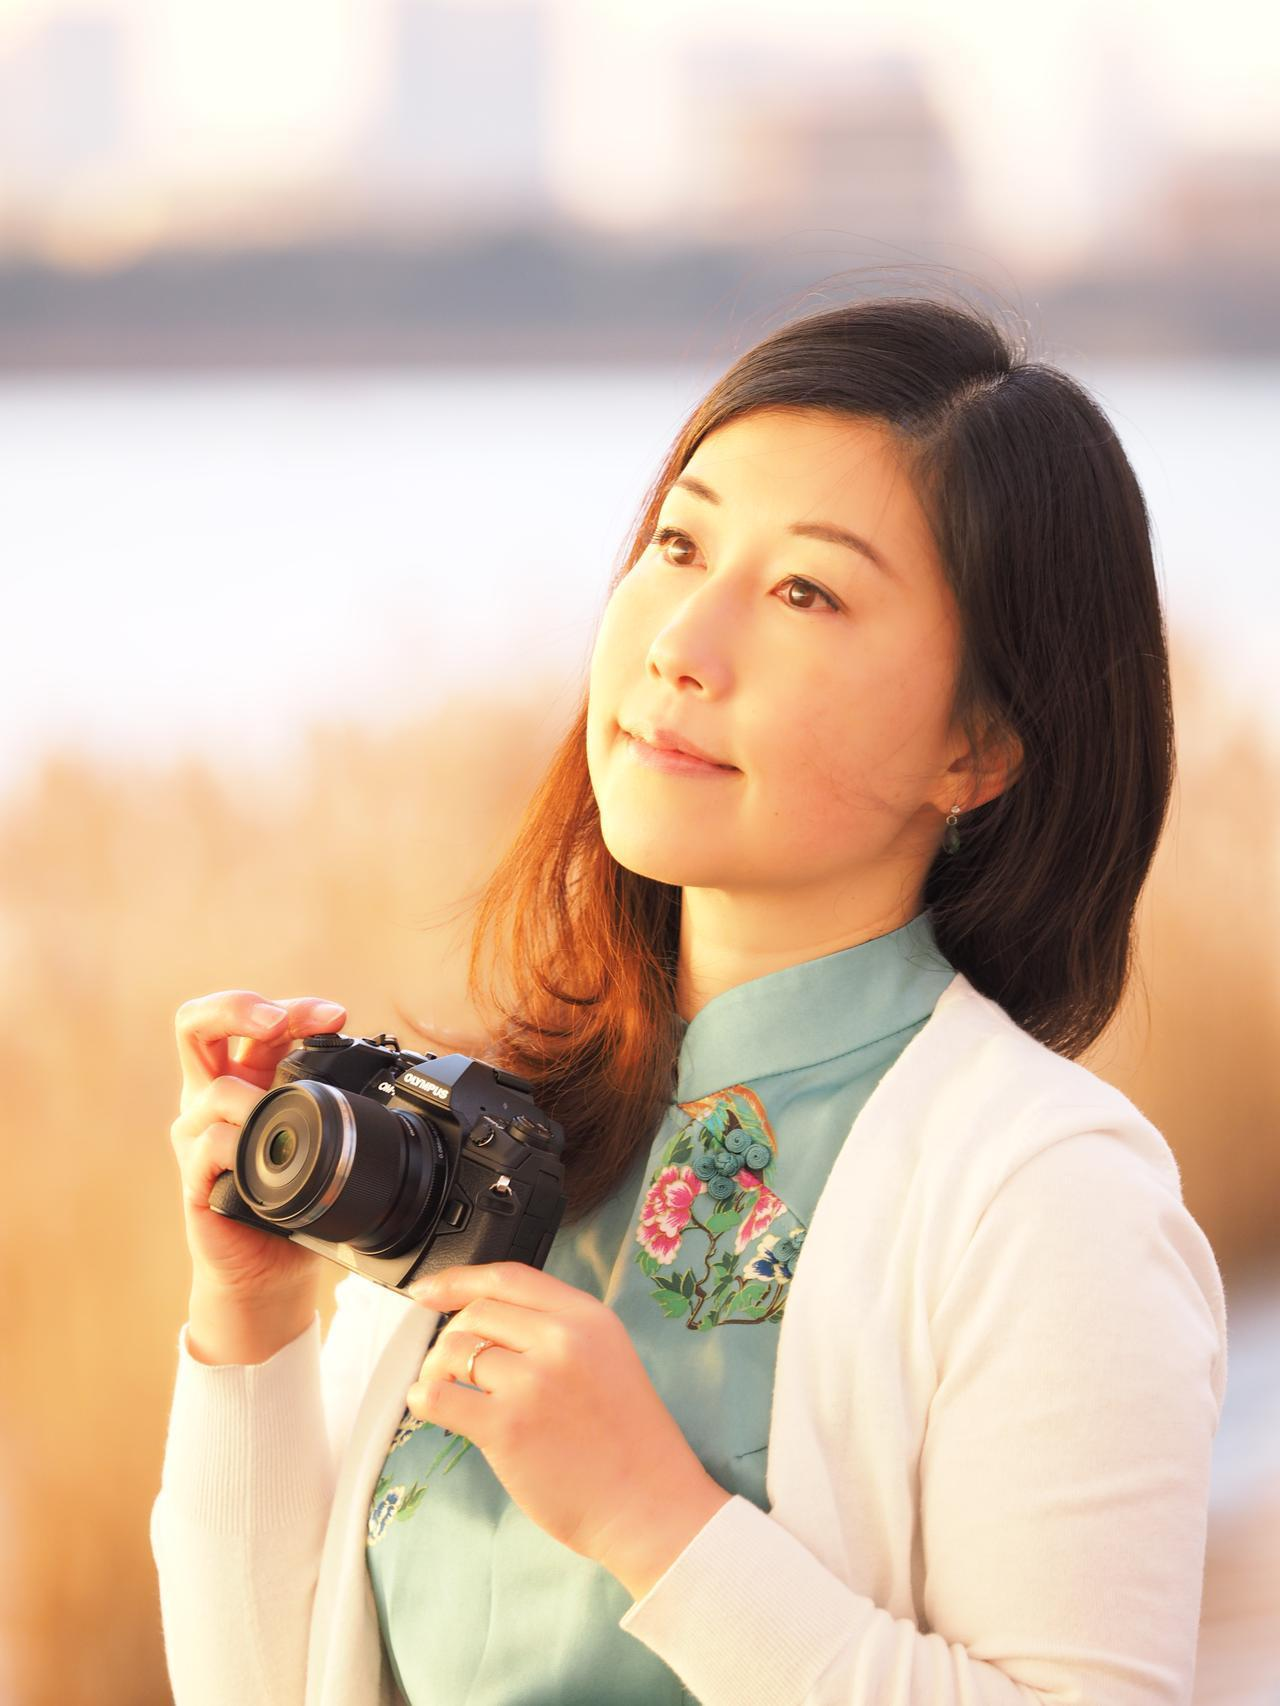 画像: 【写真撮影の旅】『写真家講師5選』吉住 志穂先生 WEB先行 年間スケジュールのご案内 クラブツーリズム - クラブログ ~スタッフブログ~ クラブツーリズム